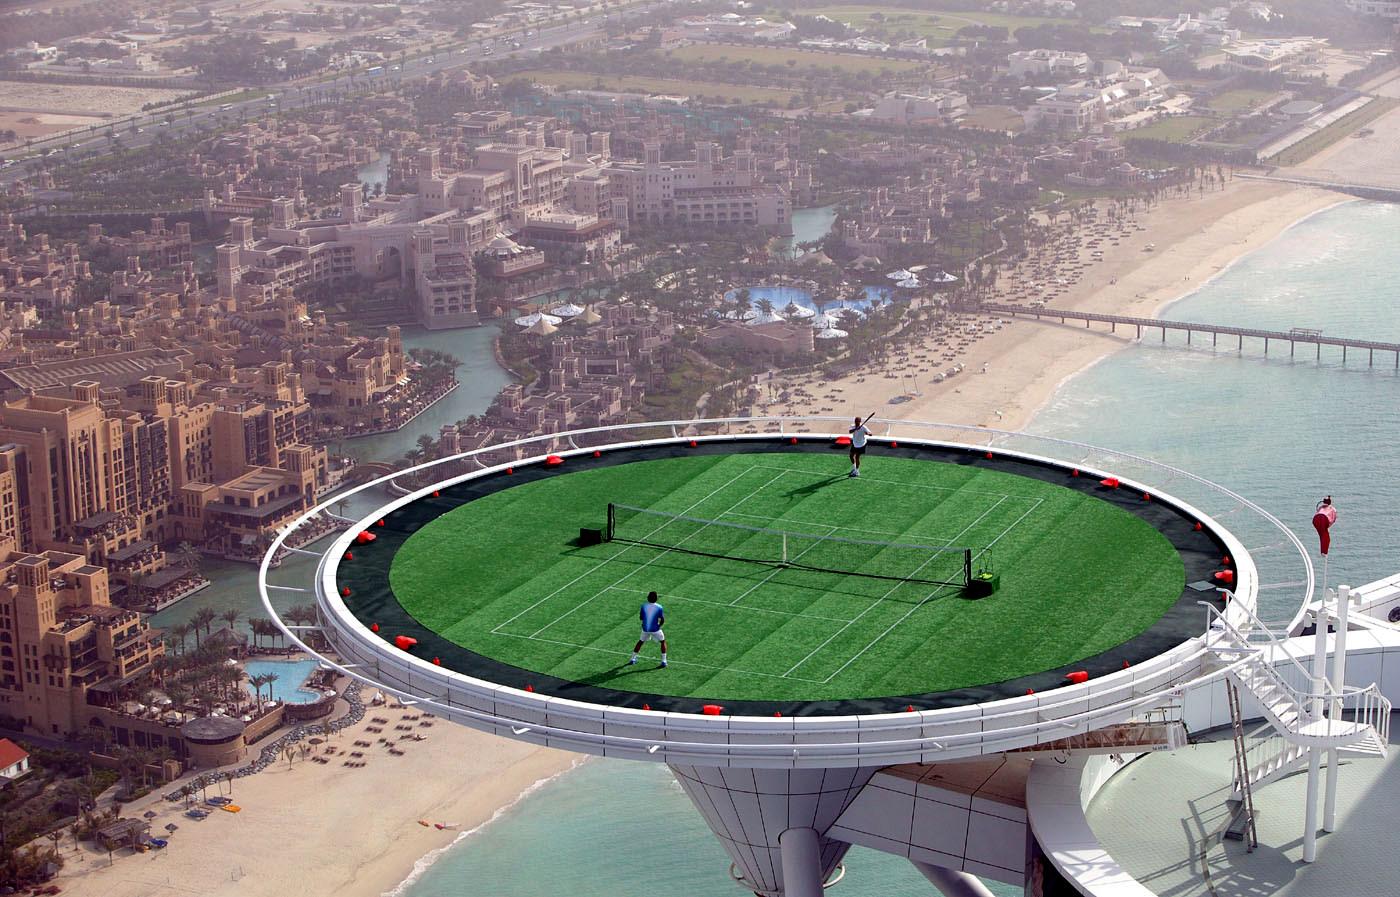 Вертолетная площадка используется как корт для большого тенниса